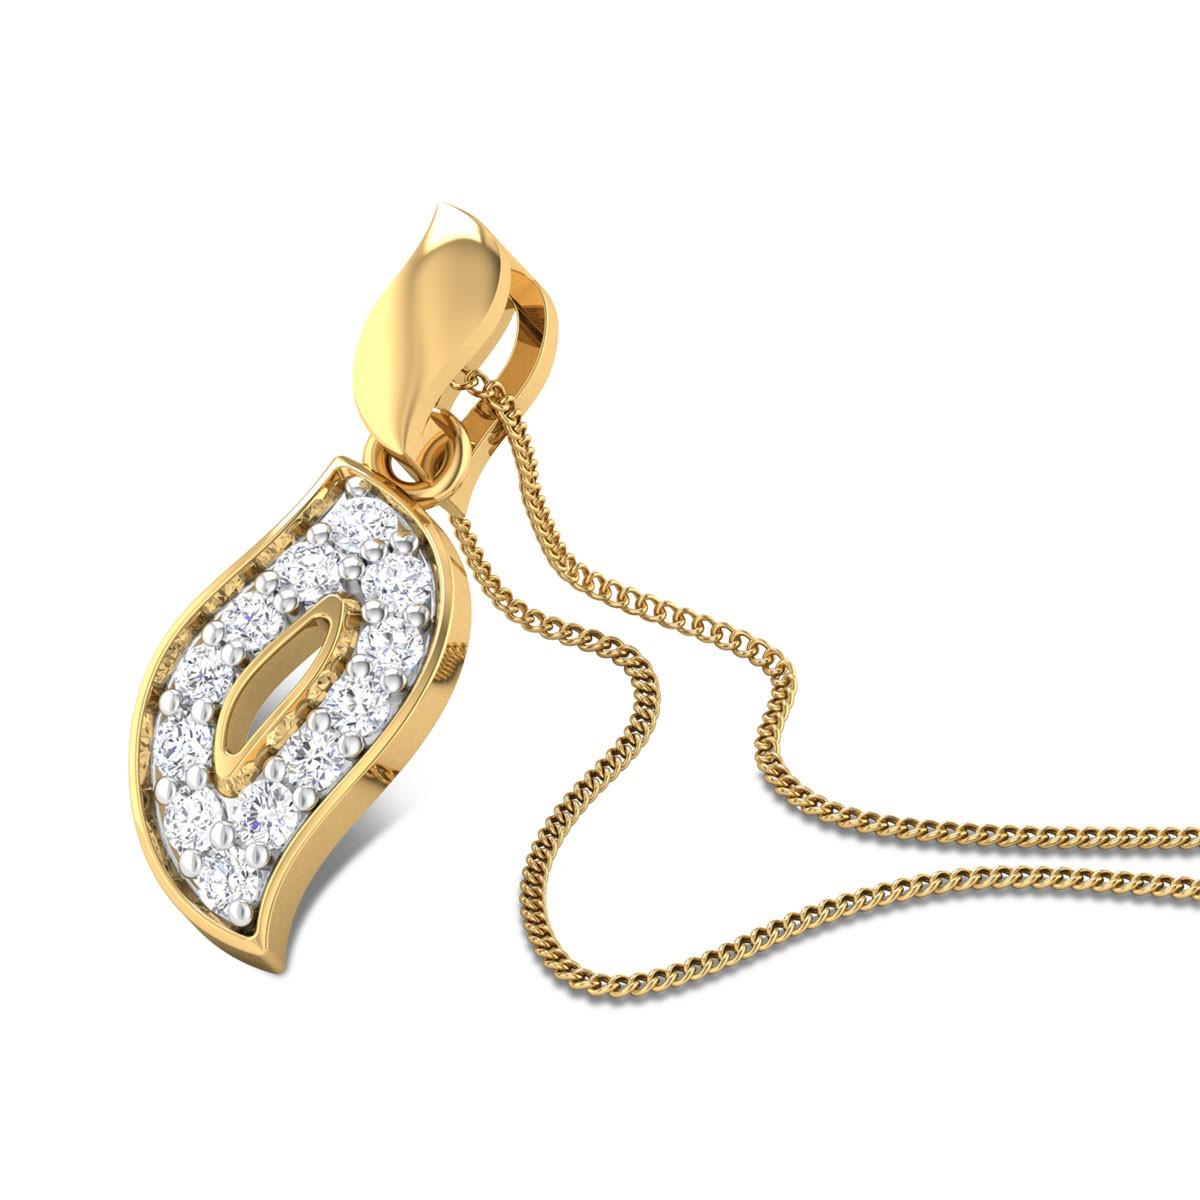 Flaming leaf Diamond Pendant